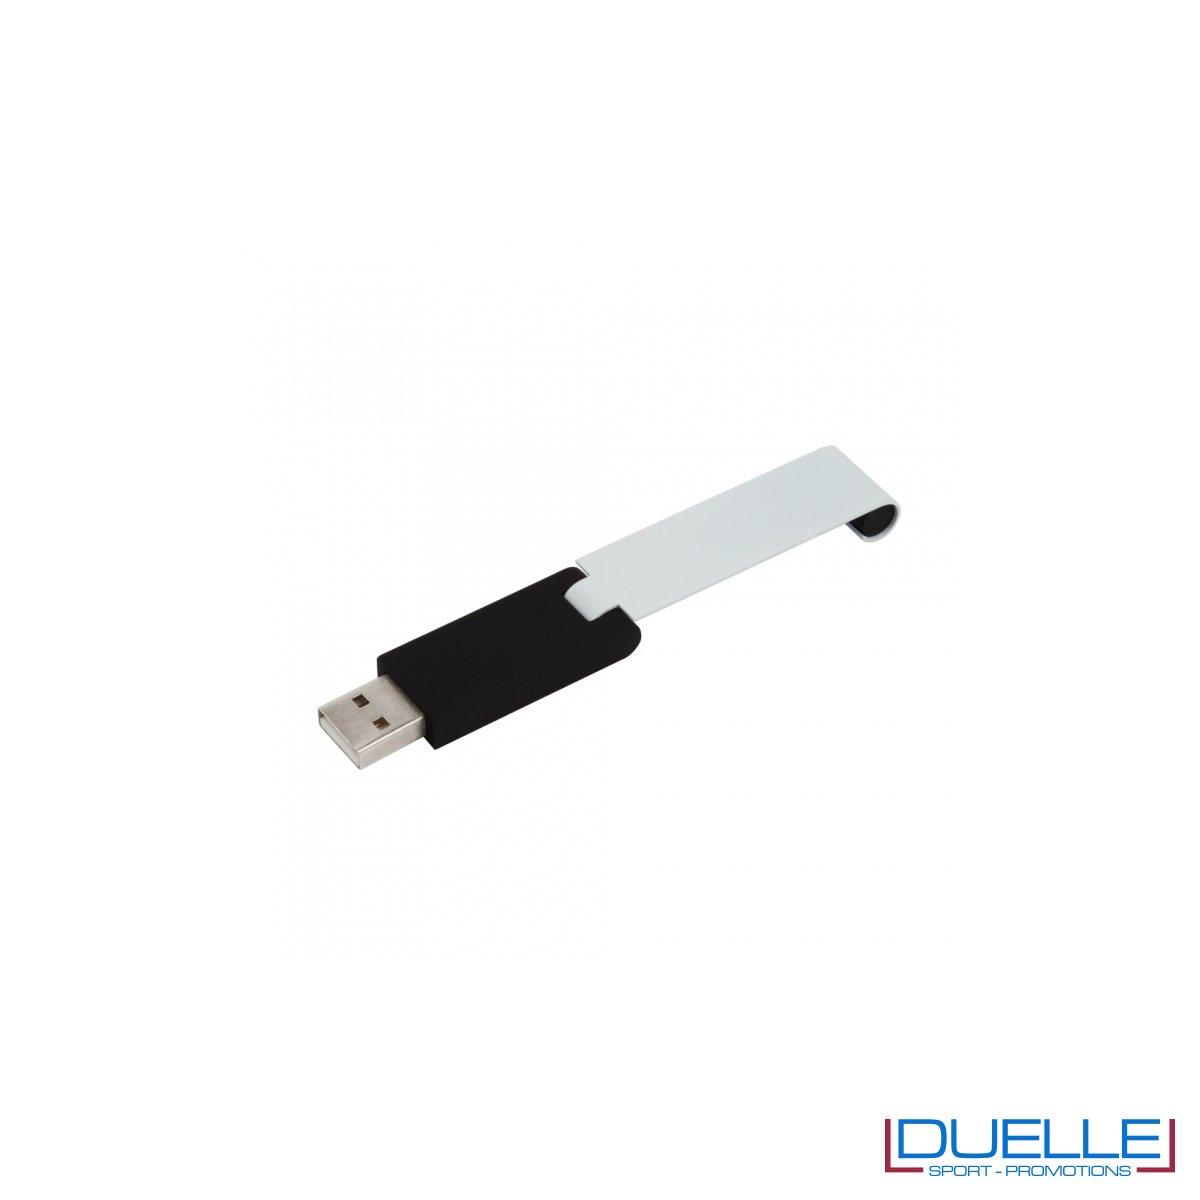 Chiavetta USB 2.0 nera personalizzata con incisione